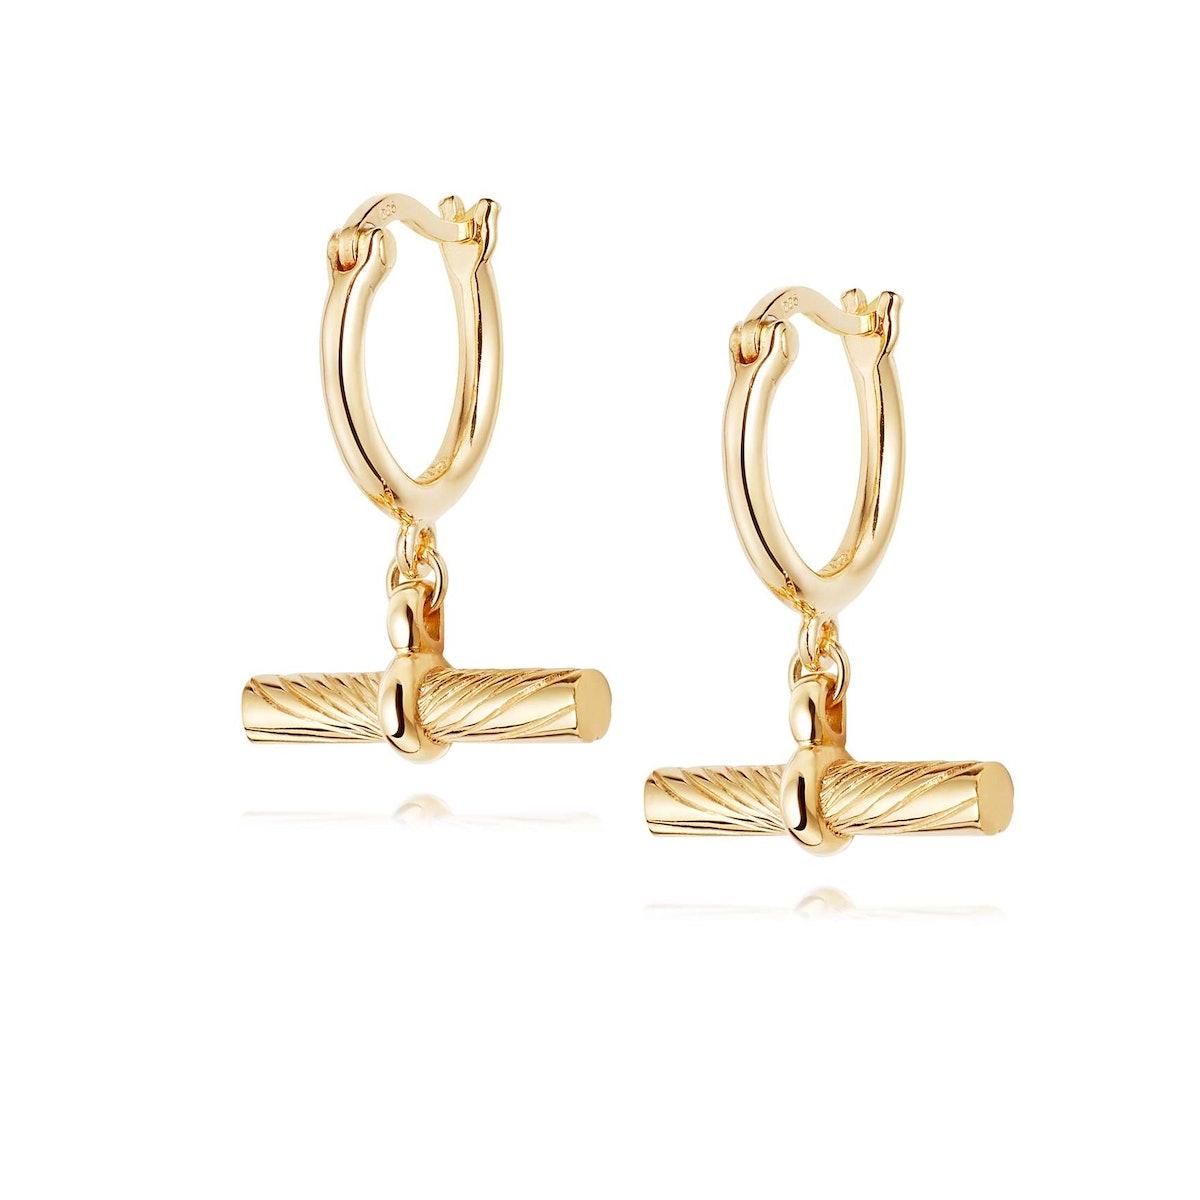 Estée Lalonde T Bar Charm Earrings